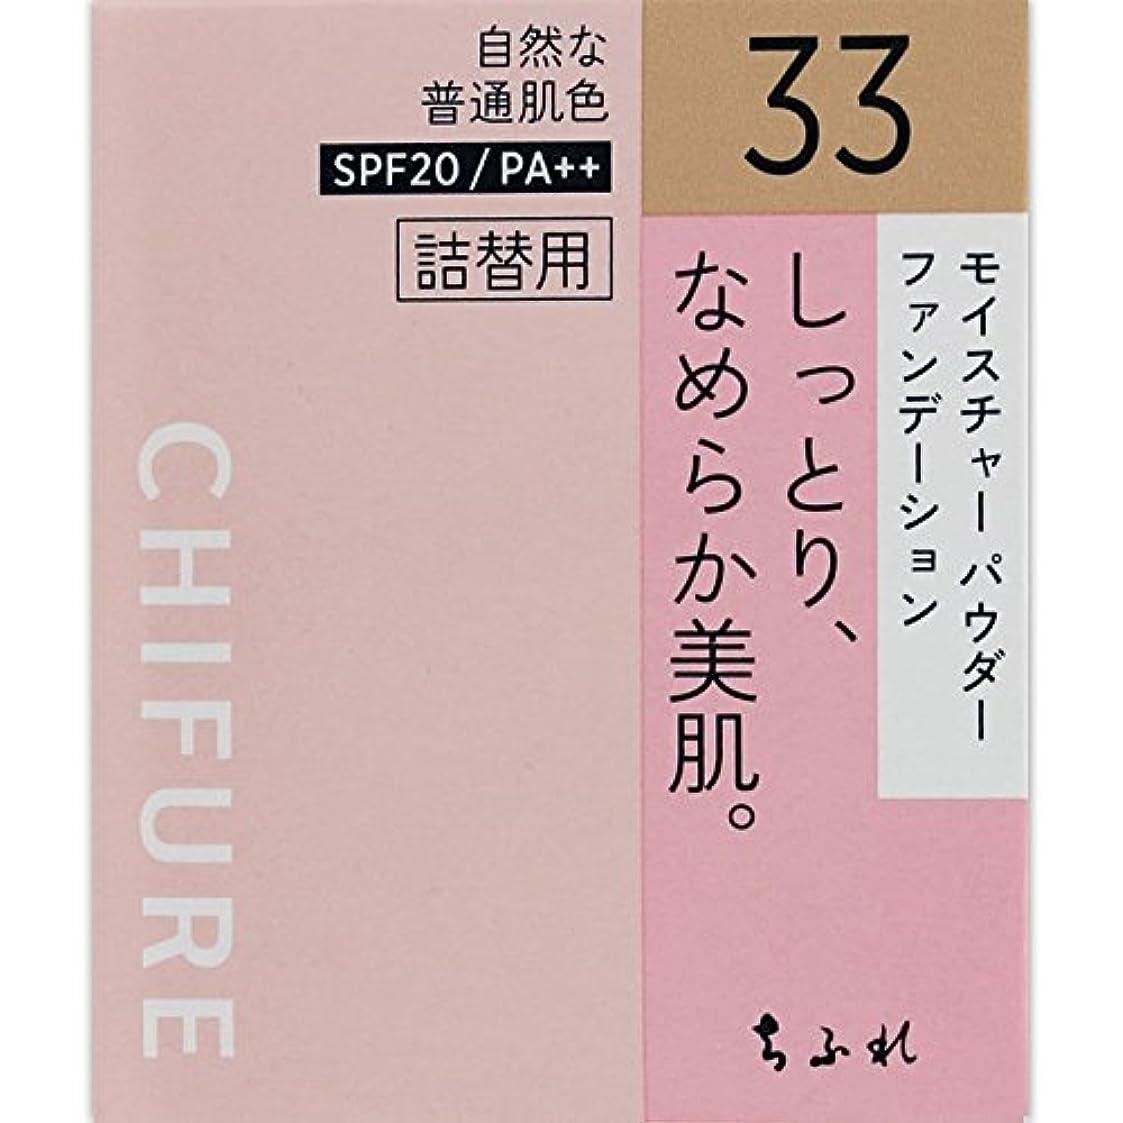 終わらせる暗くする多様性ちふれ化粧品 モイスチャー パウダーファンデーション 詰替用 オークル系 MパウダーFD詰替用33